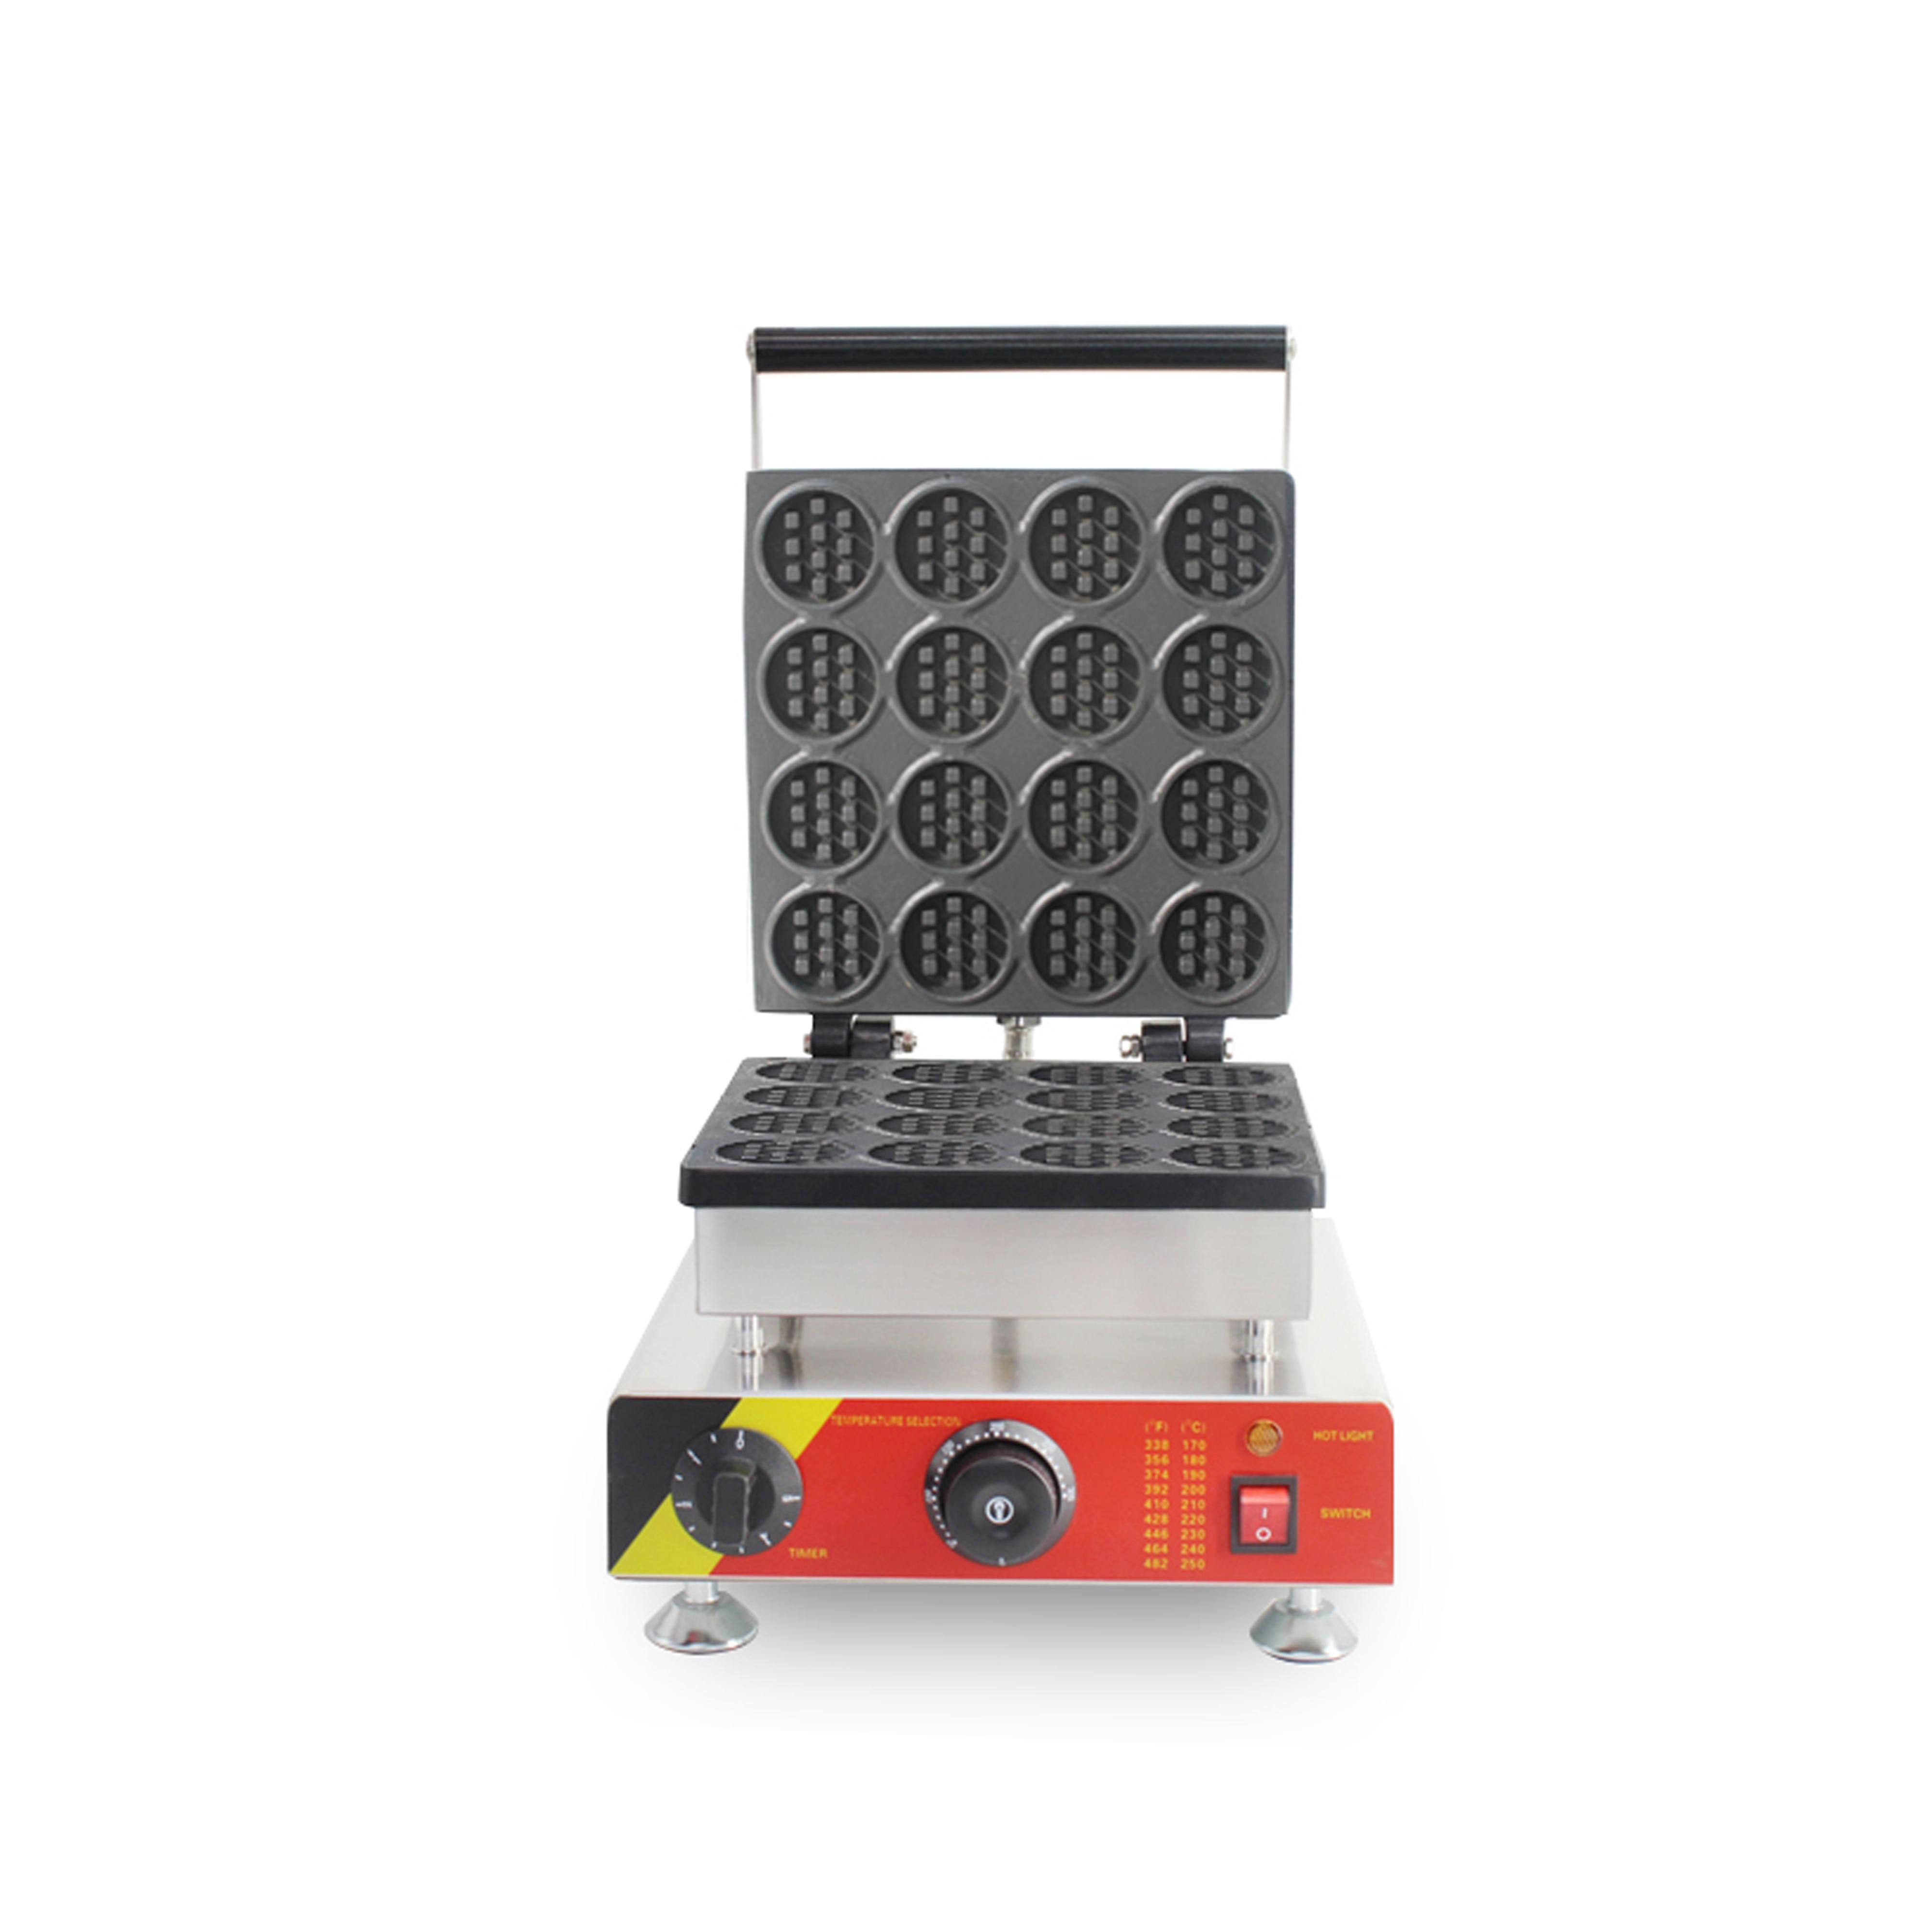 Mini waffle redondo maker16 Uds máquina de waffle en forma de piruleta con CE para la venta